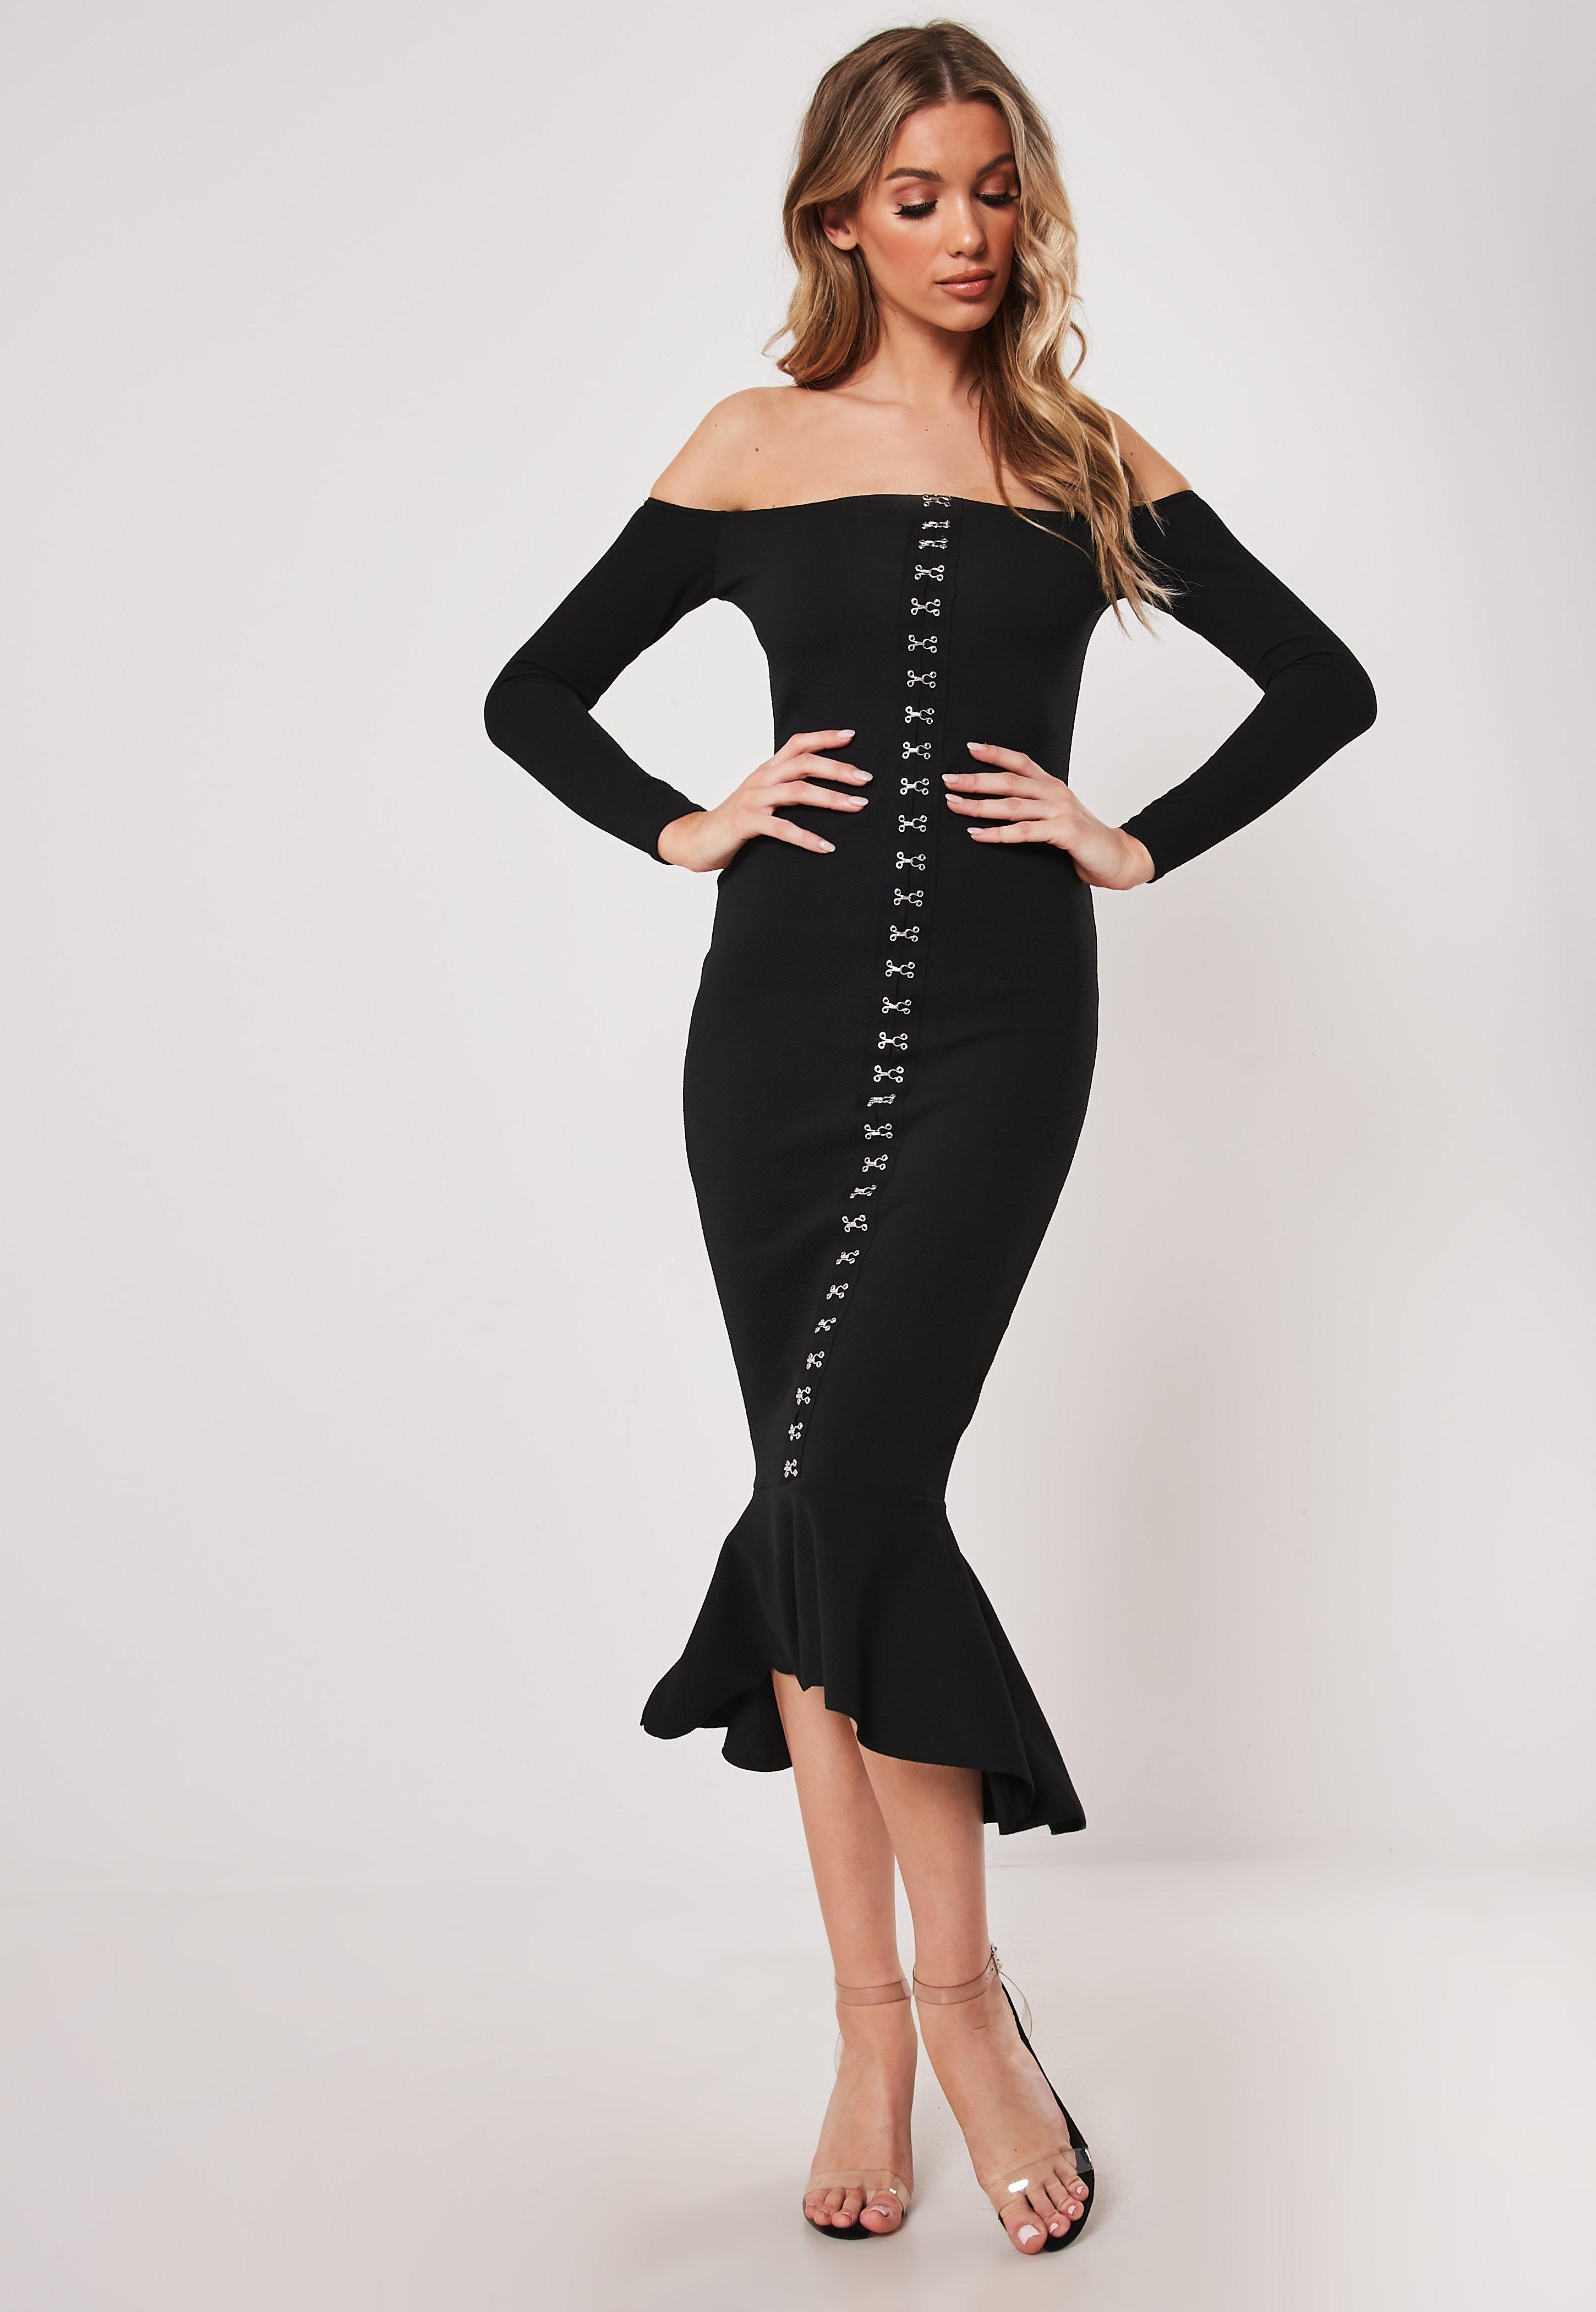 baf92acb8f0 Off the Shoulder Dresses - Bardot Dresses Online